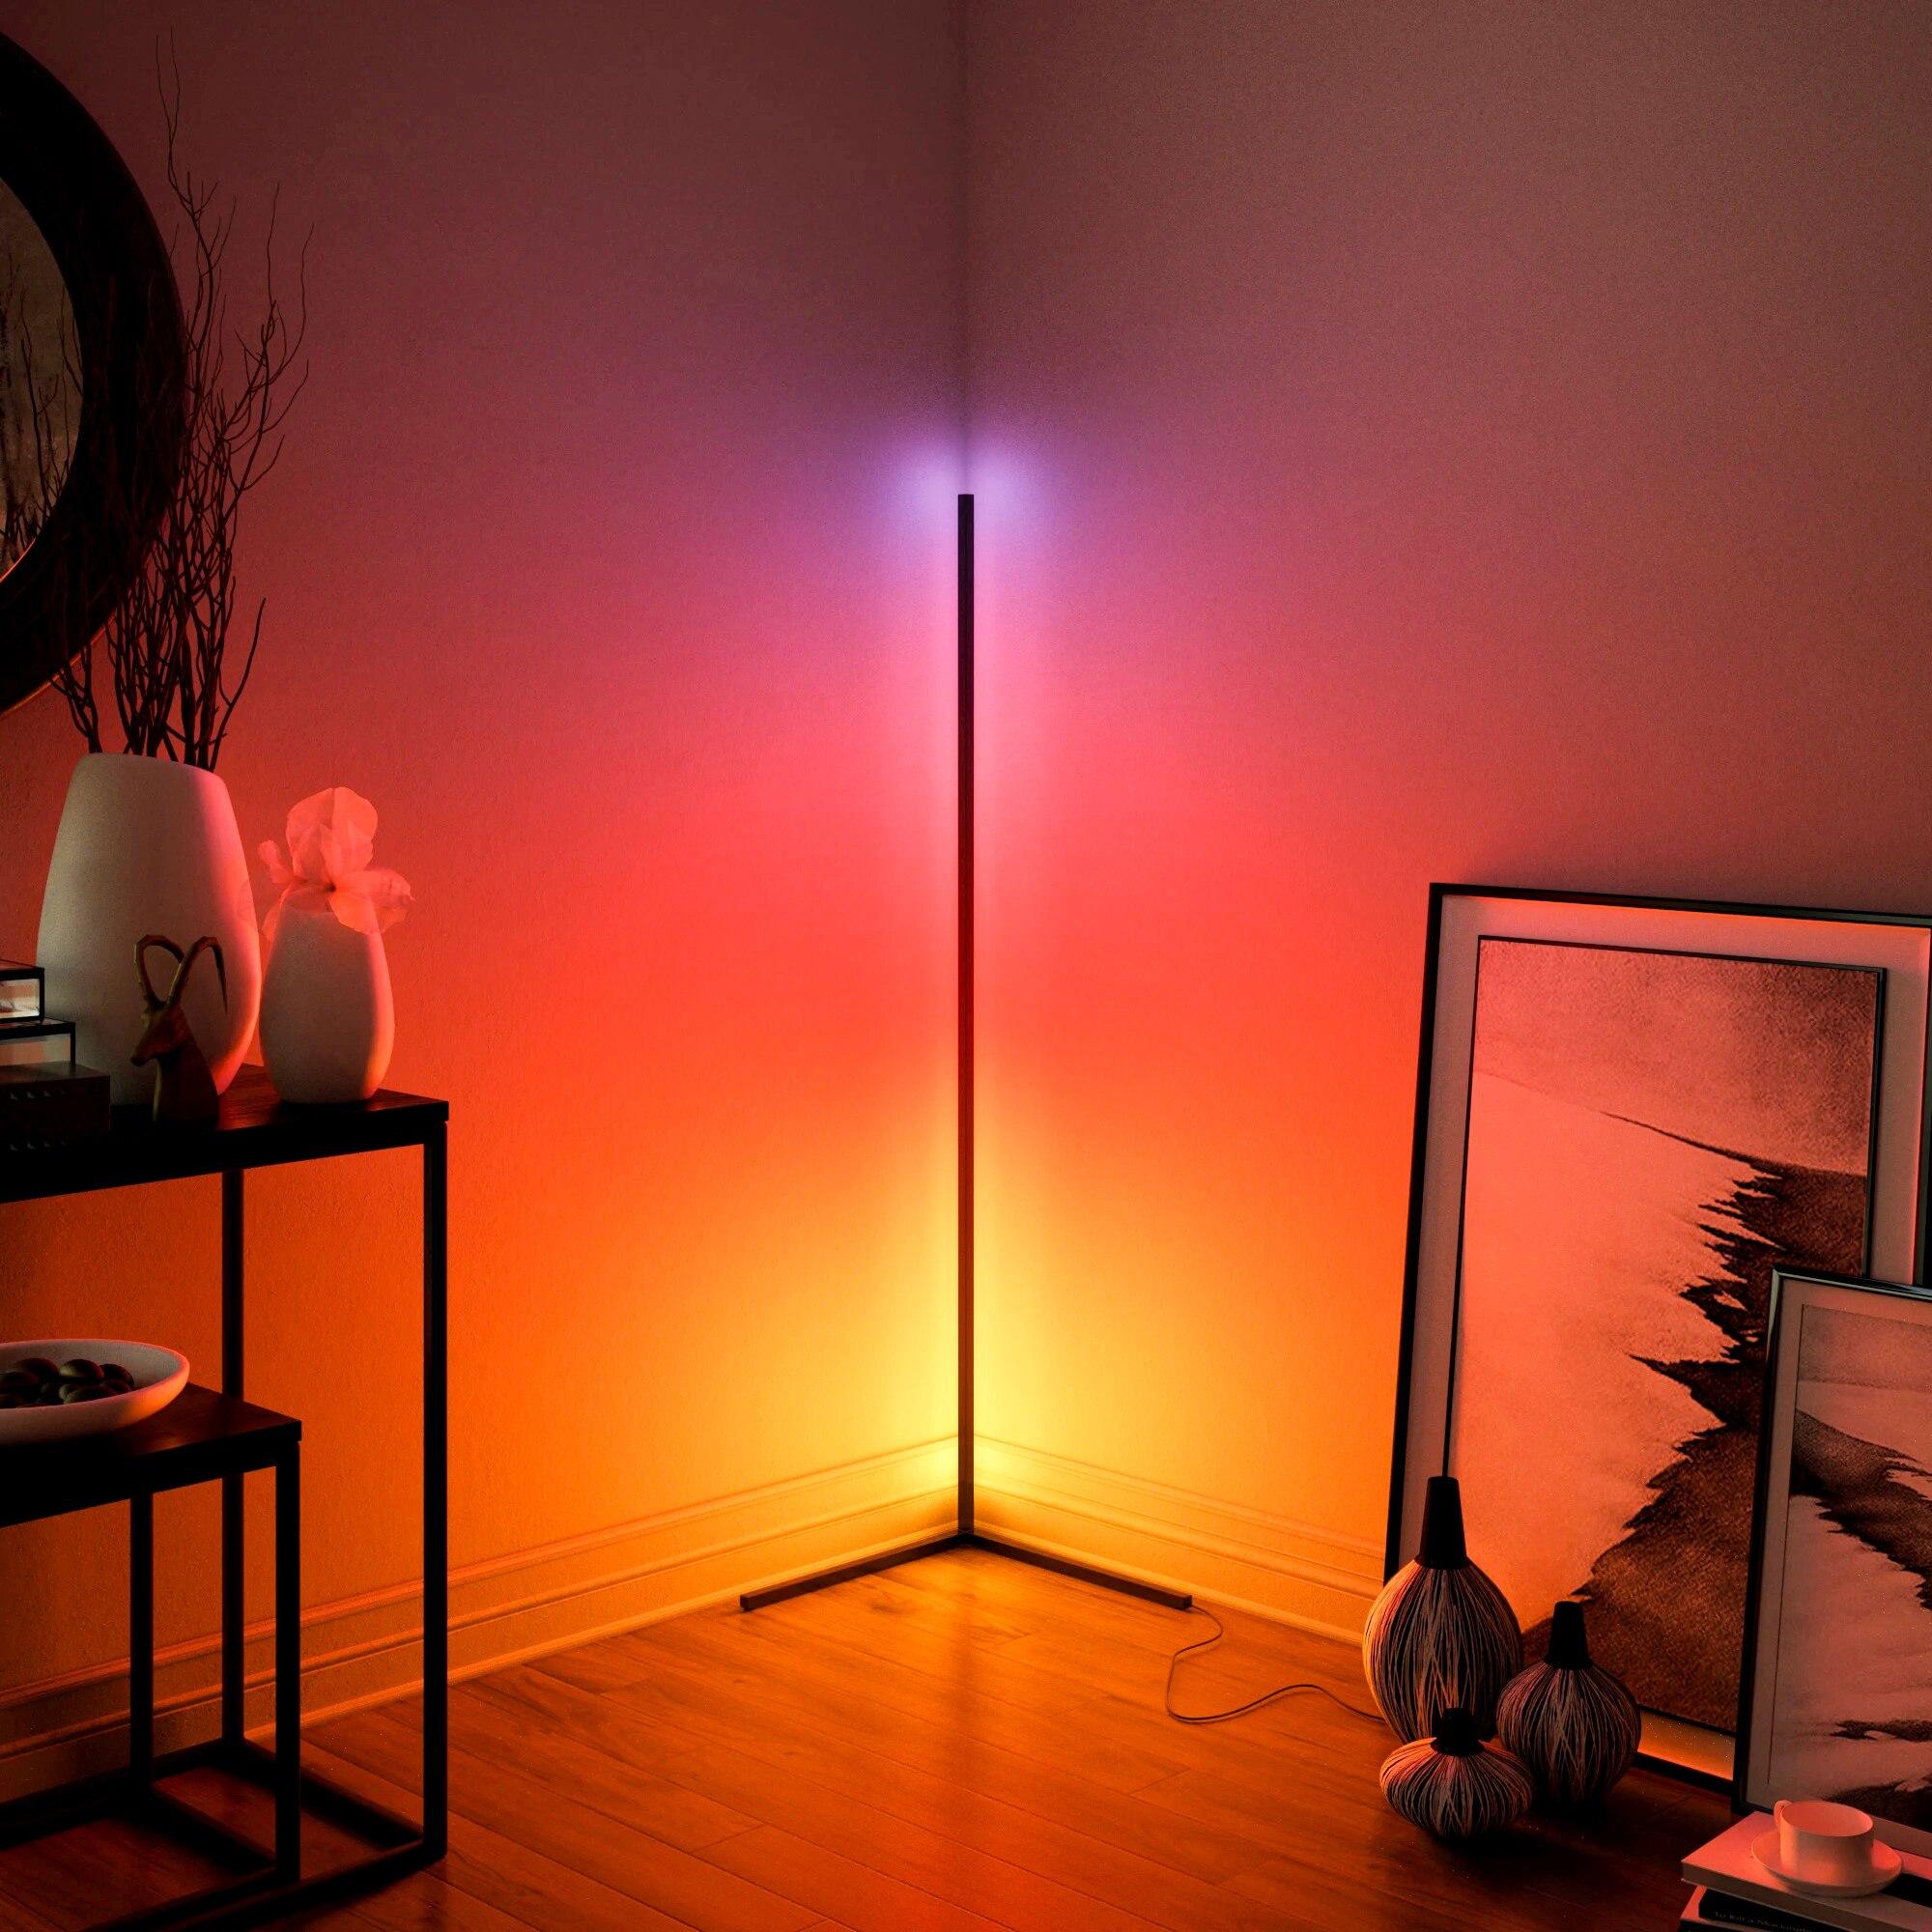 Nórdicos esquina lámpara LED de pie brillante Luz de suelo atmósfera Interior lámpara colorido dormitorio habitación decorativo lámpara de pie